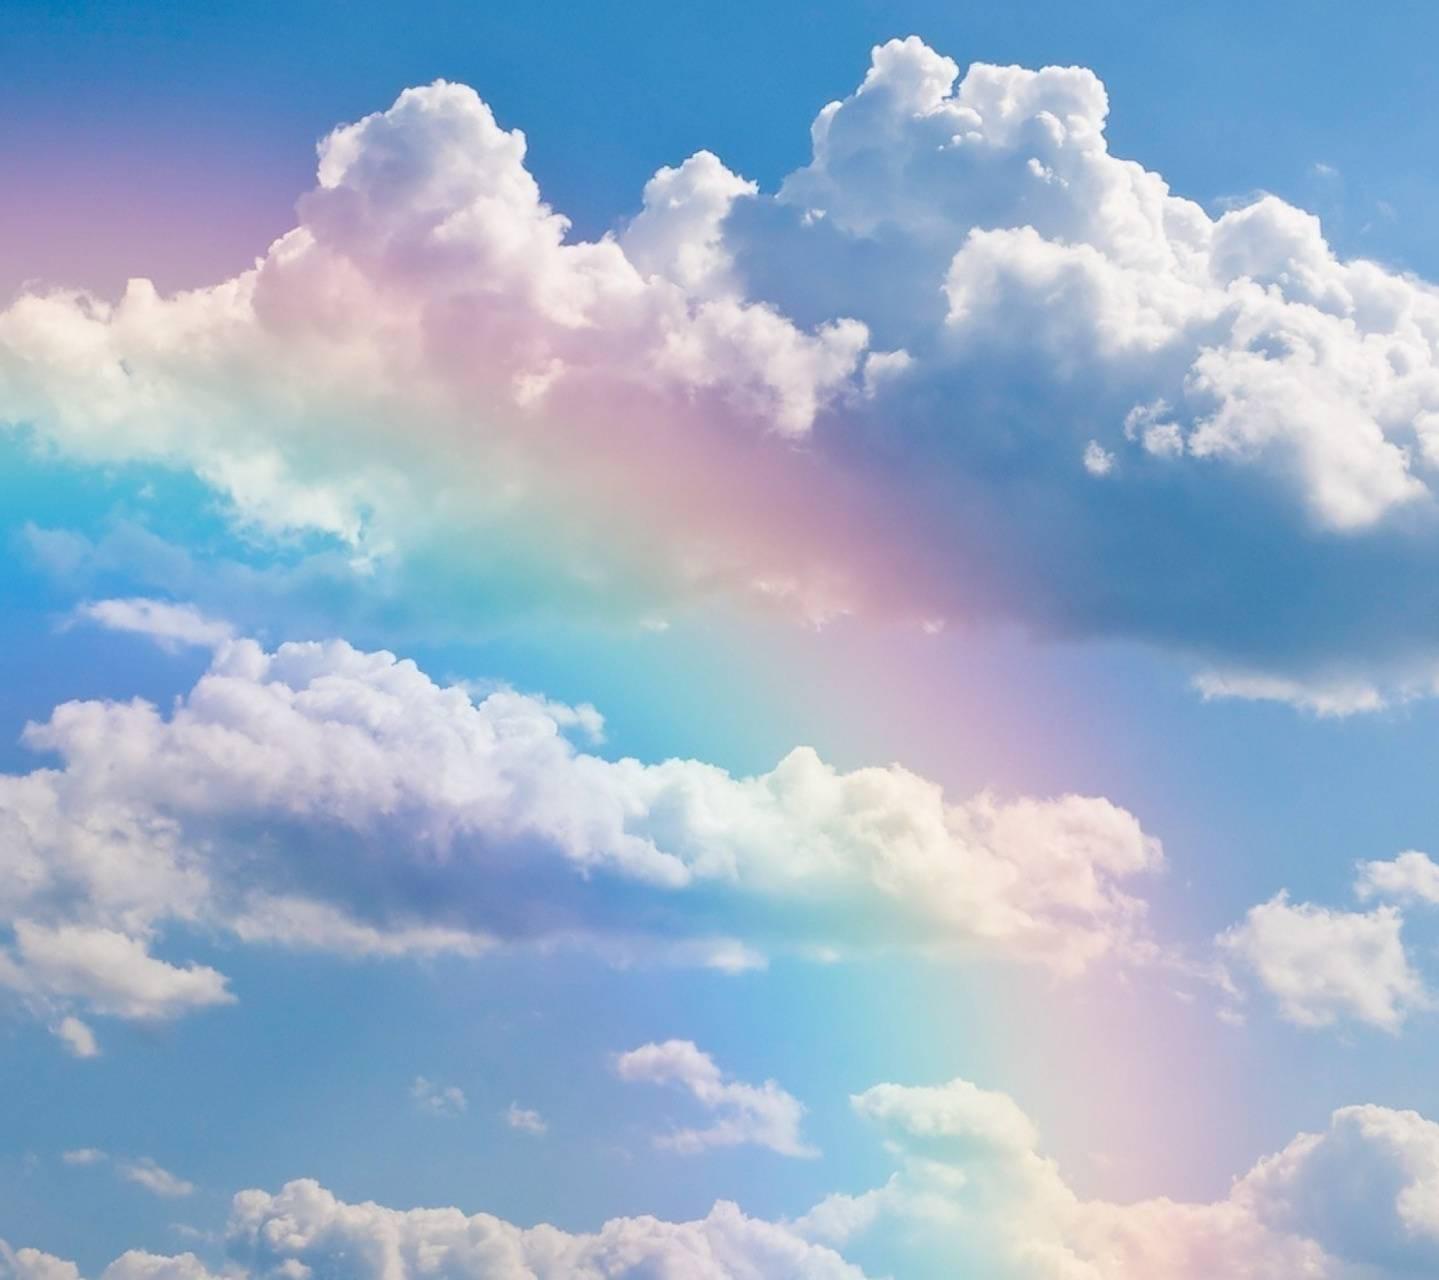 عکس زمینه ابرها و رنگین کمان پس زمینه